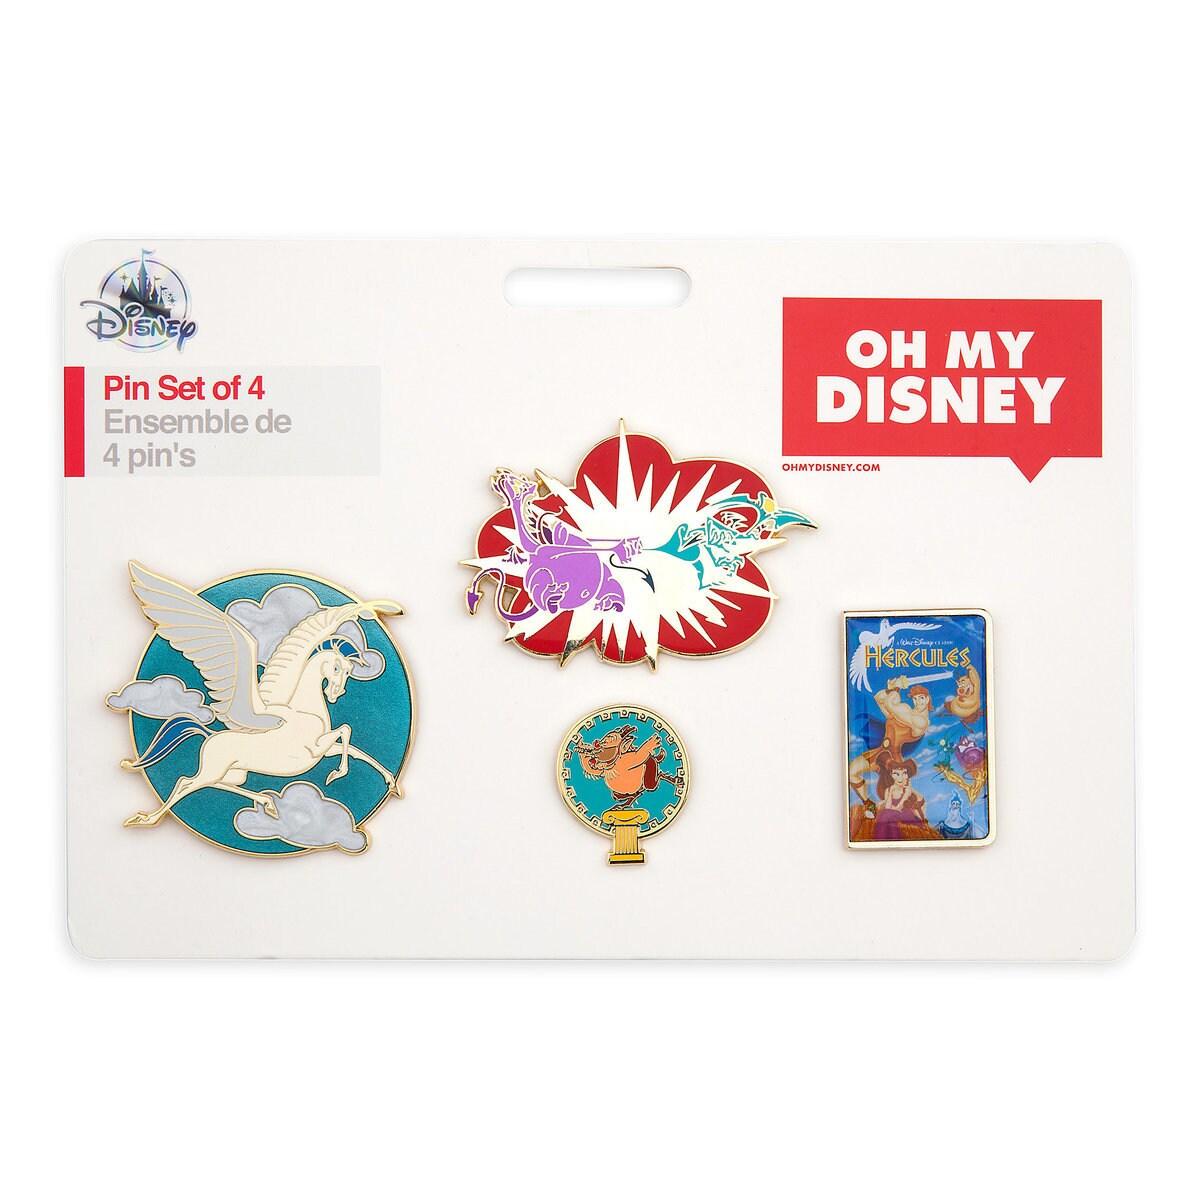 fac55defce9b Product Image of Hercules Pin Set - Oh My Disney   6